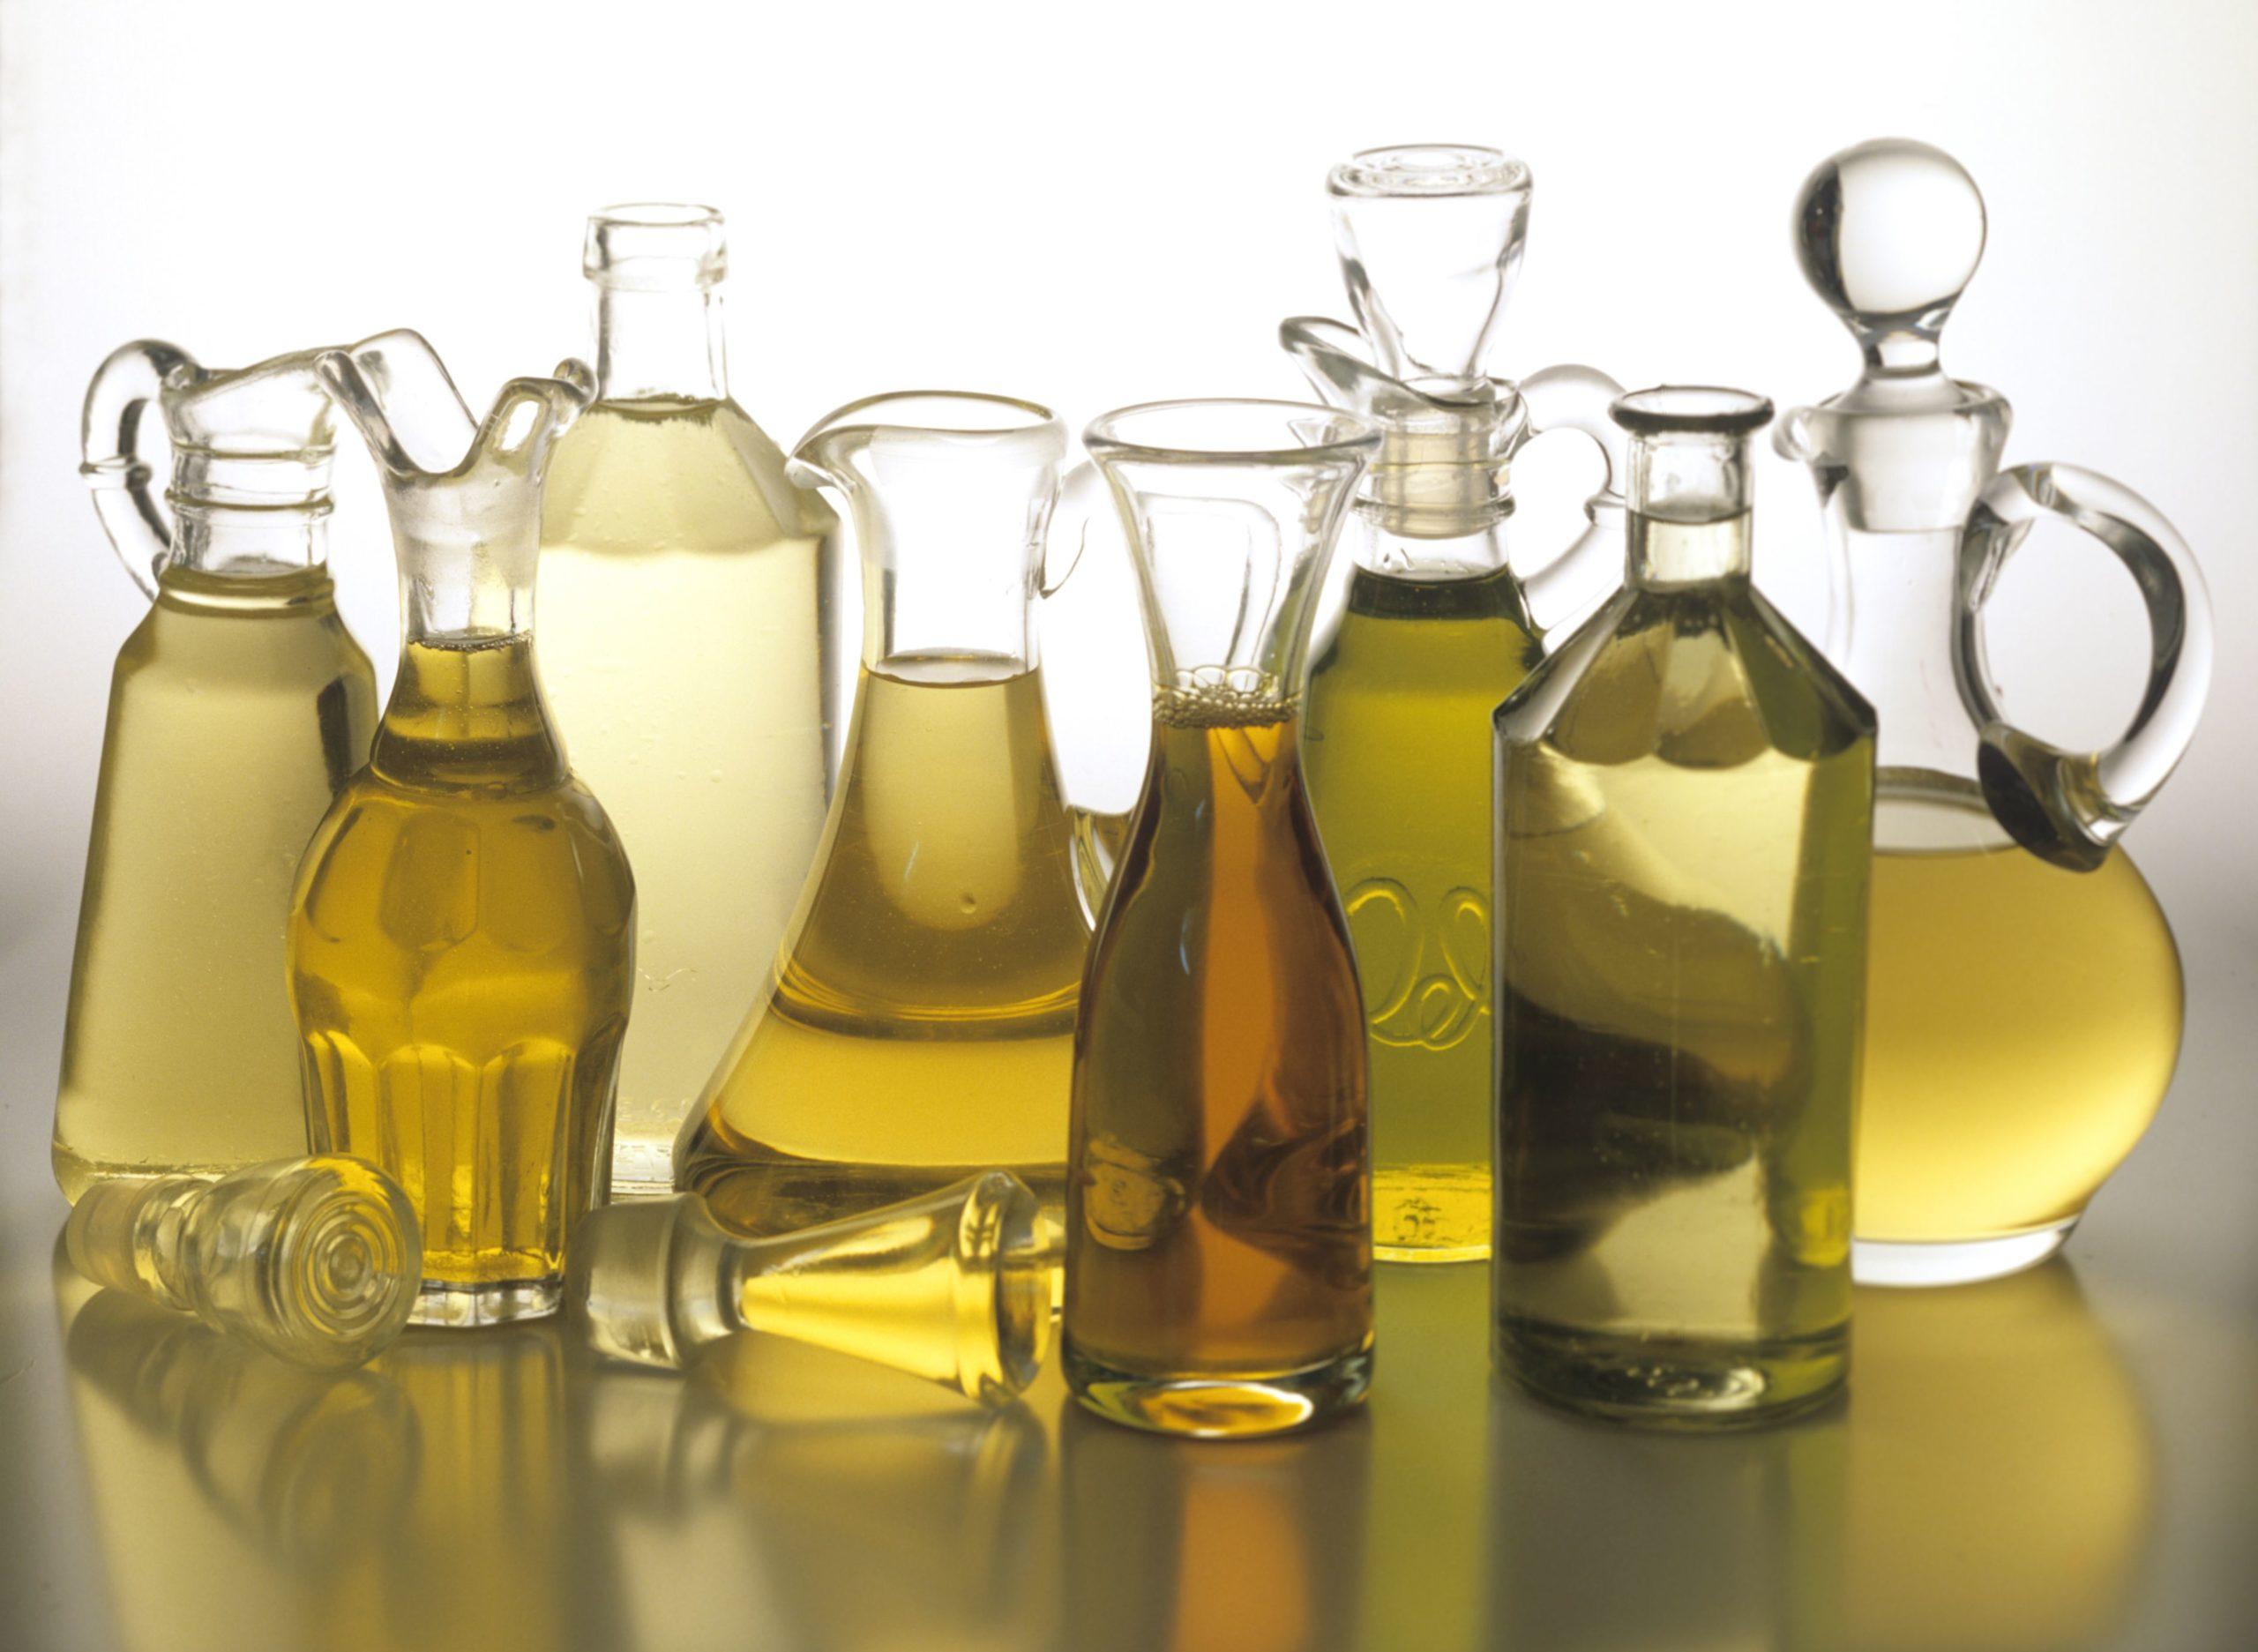 Прикорм маслом - растительное масло для грудничка: с какого возраста можно давать, как вводить